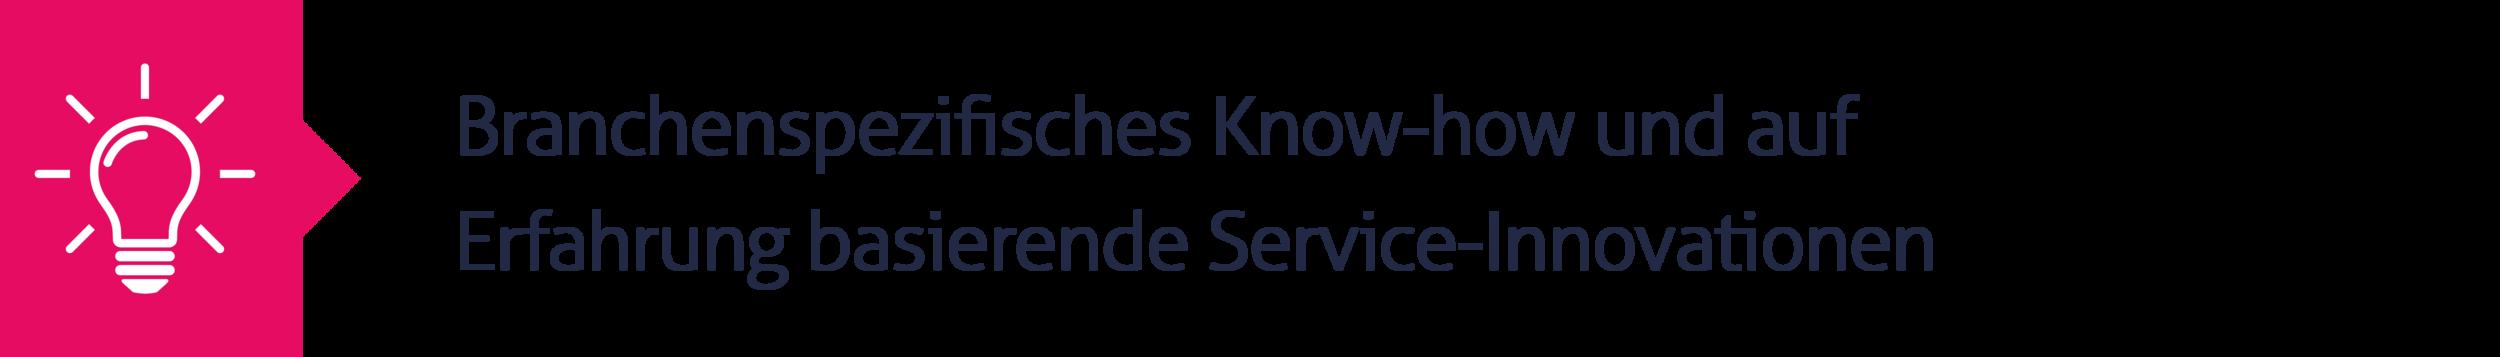 11.Branchenspezifisches Know-how und auf Erfahrung basierende Service-Innovationen